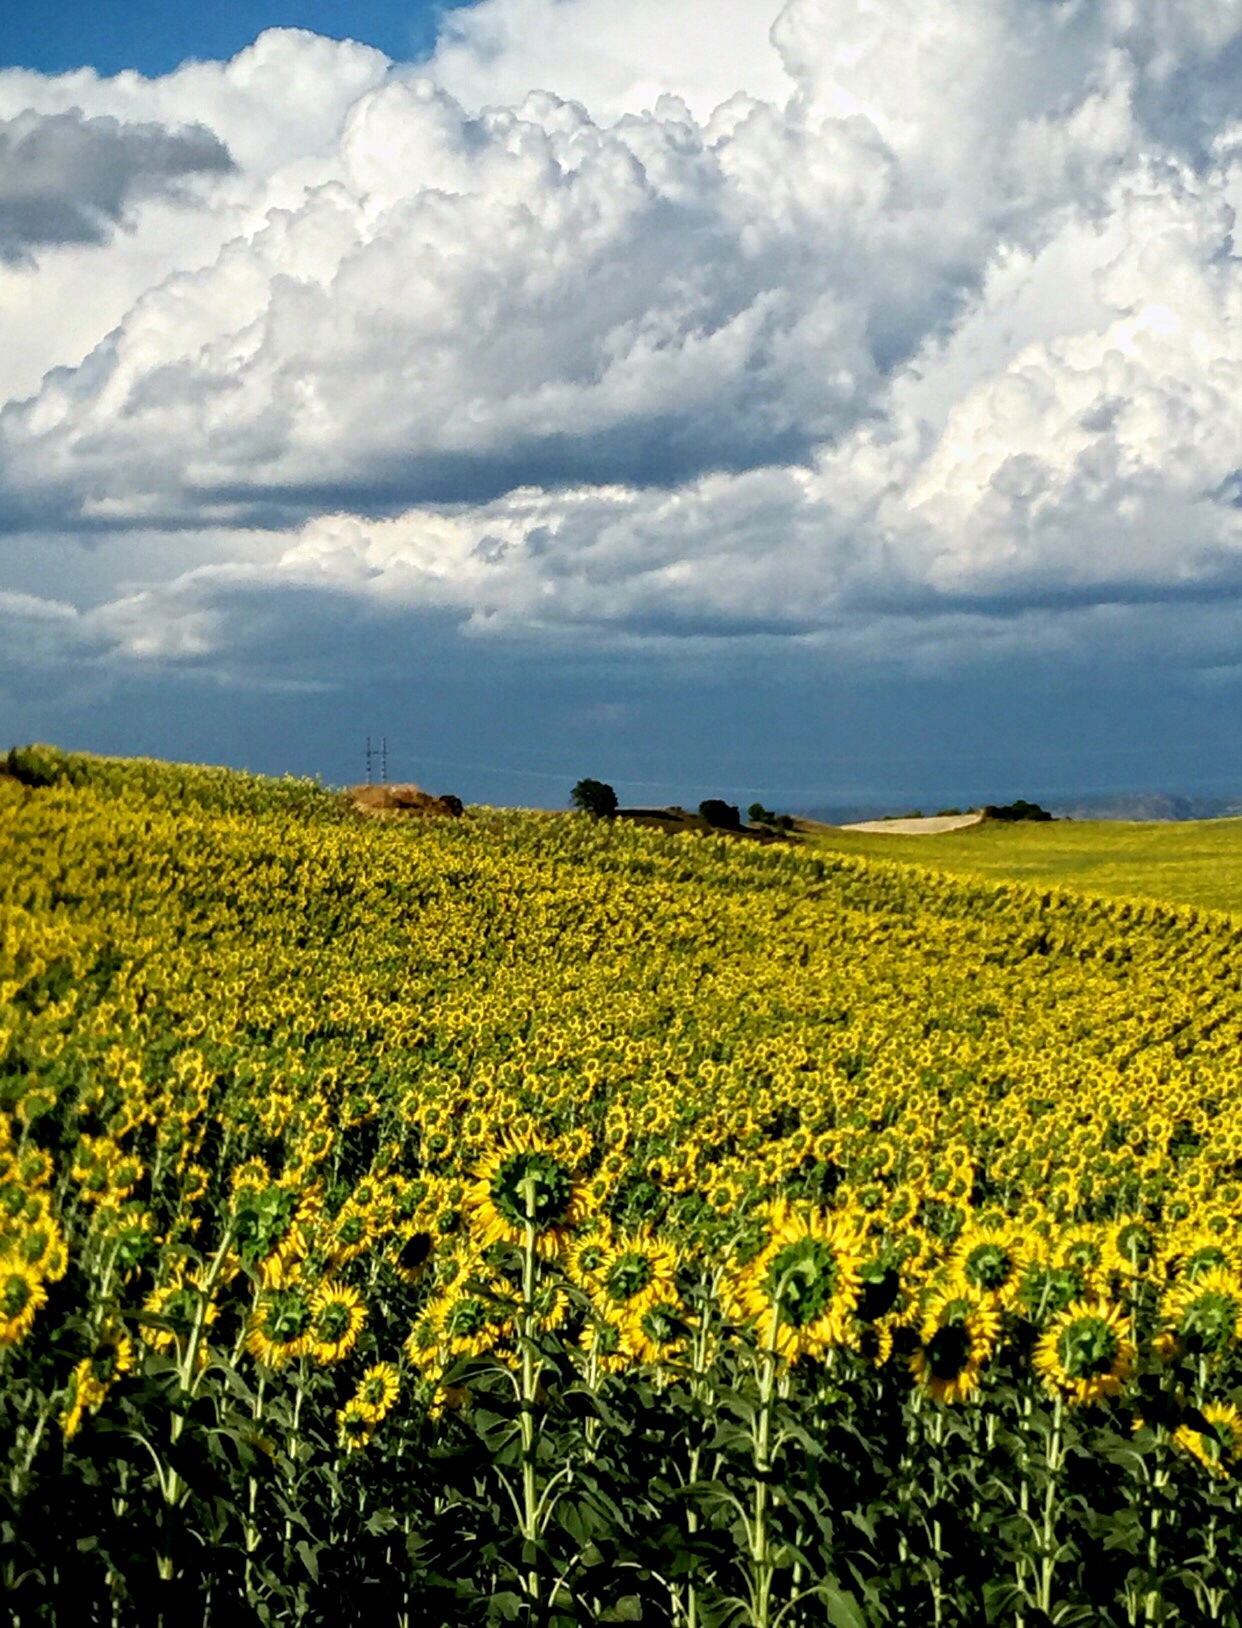 Sunflower fields-2 by Gregorio Emper